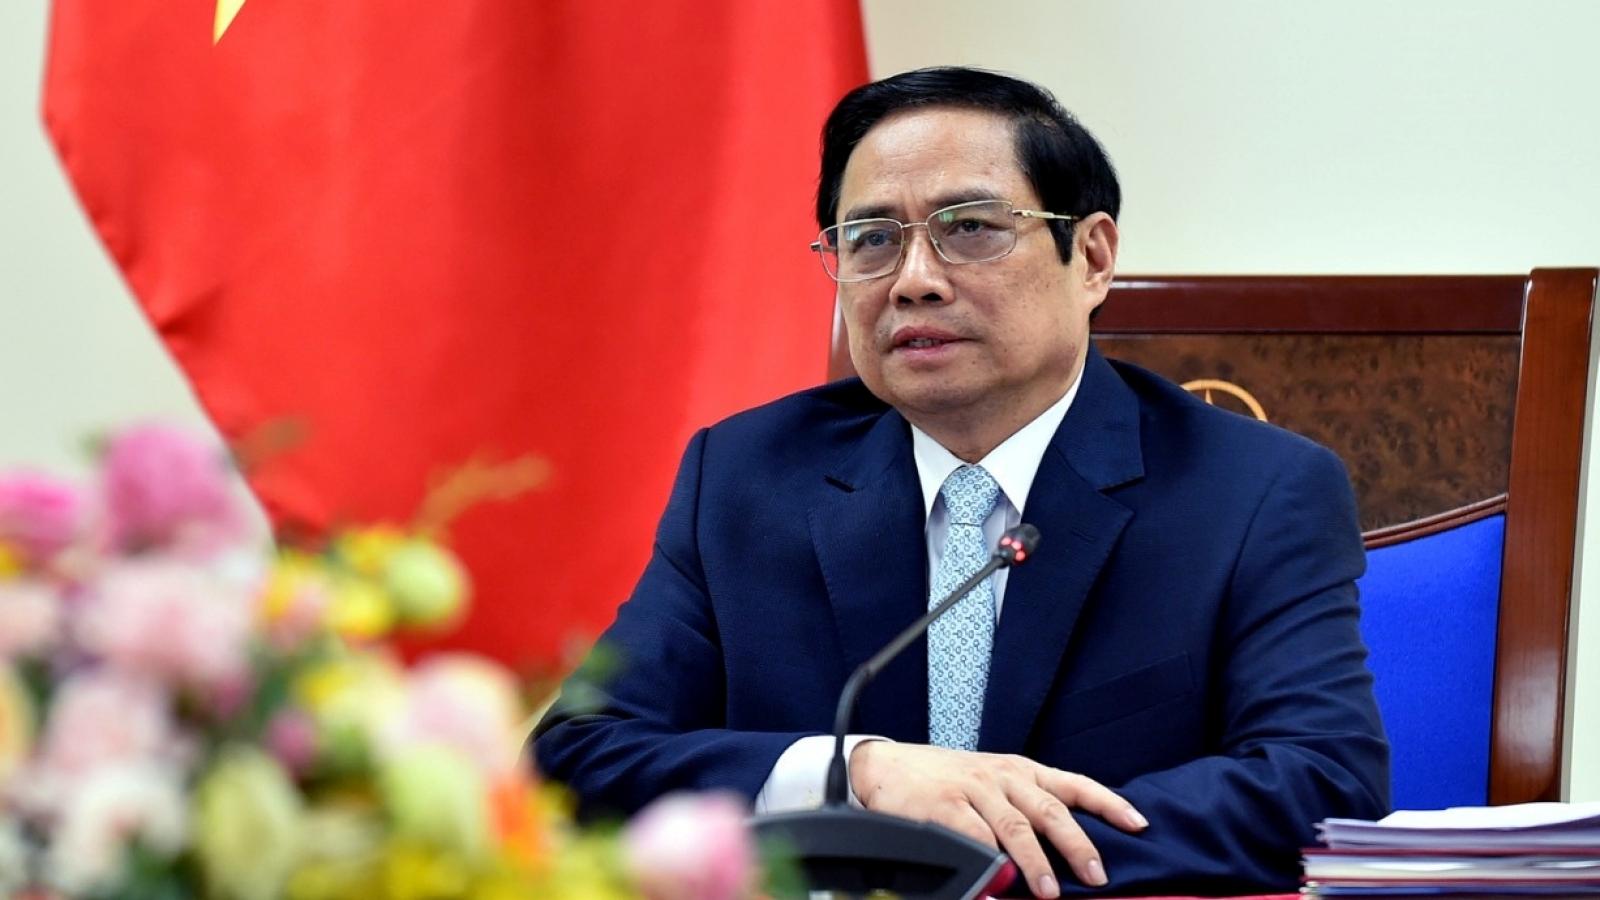 Thủ tướng đề nghị COVAX ưu tiên phân bổ nhanh số lượng vaccine đã cam kết cho Việt Nam